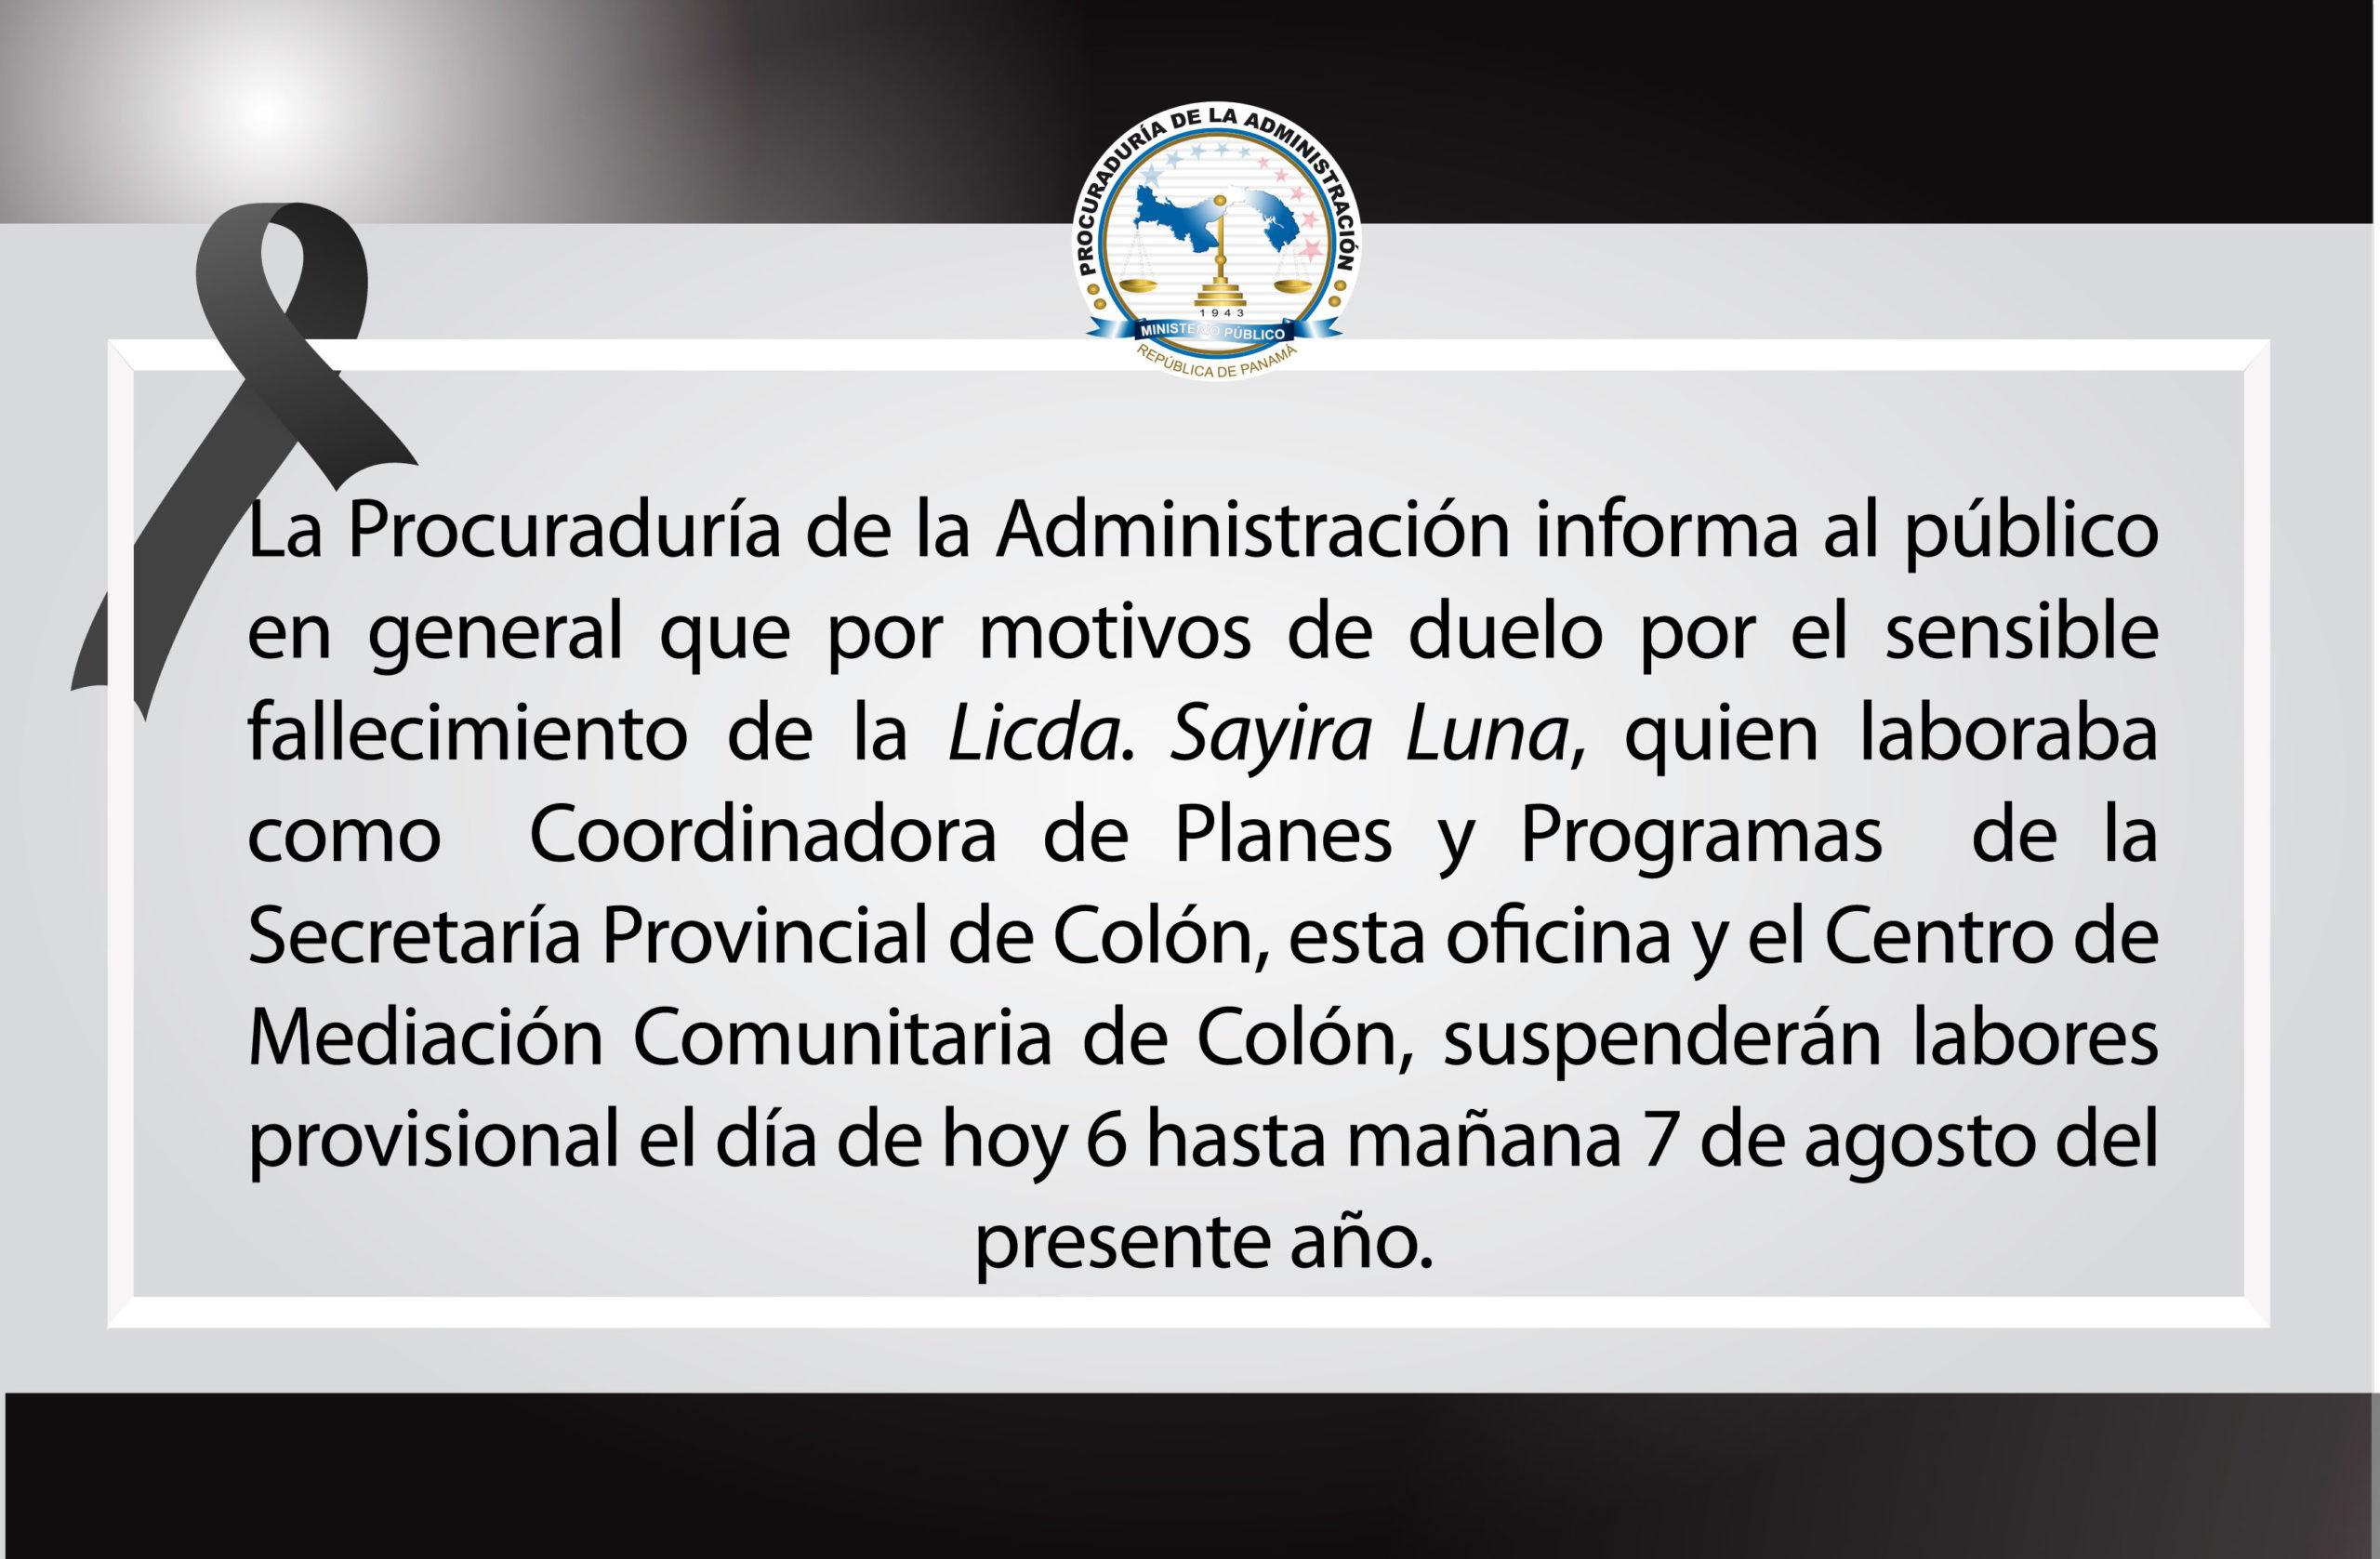 La Procuraduría de la Administración lamenta el fallecimiento del Licda. Sayira Luna